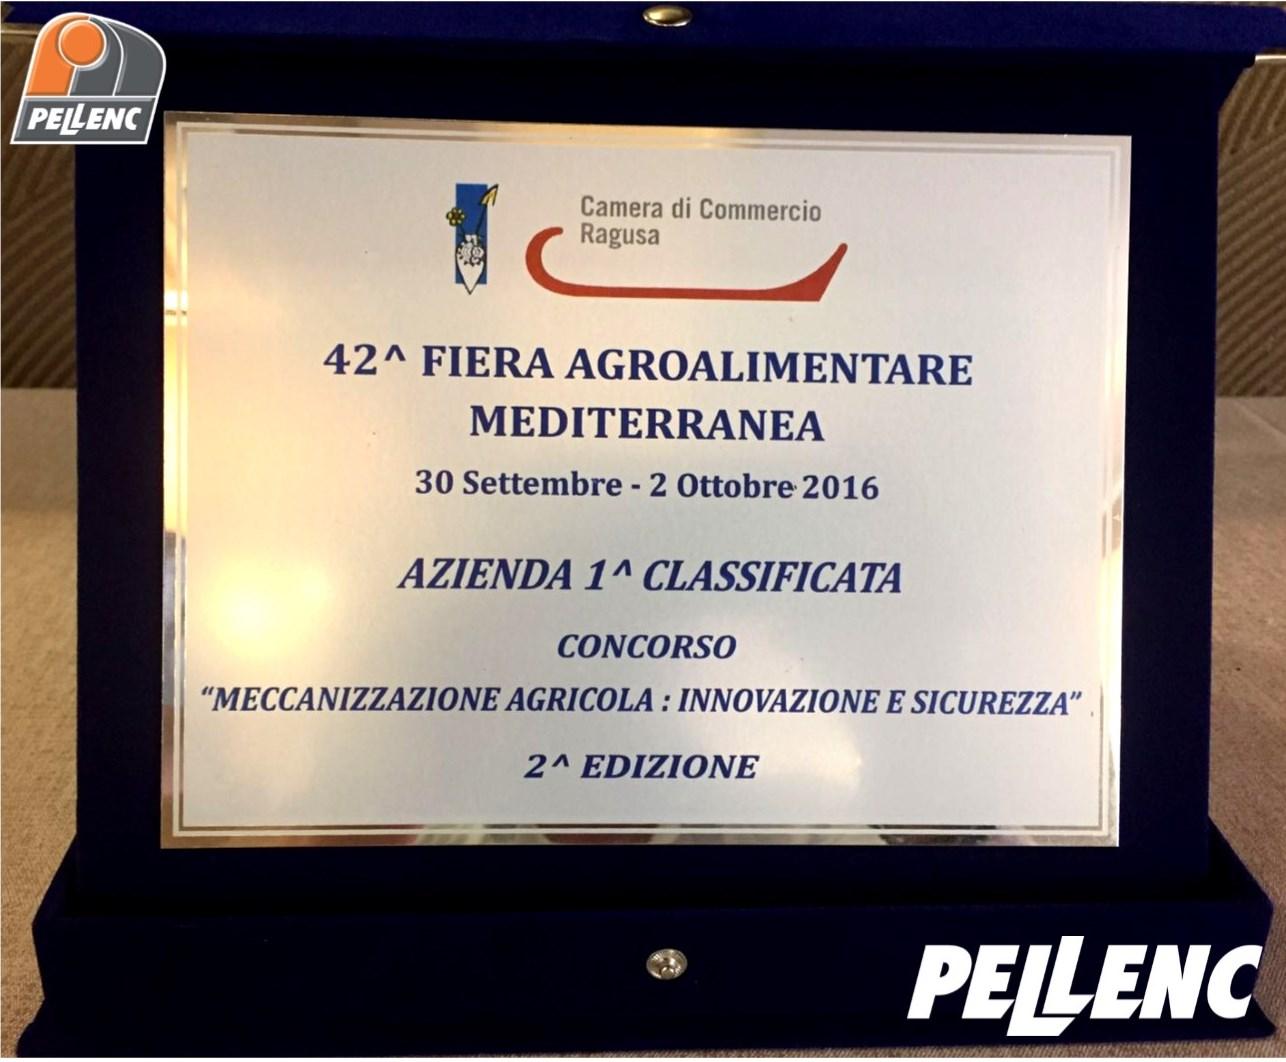 Pellenc premiata alla Fiera Agroalimentare di Ragusa!